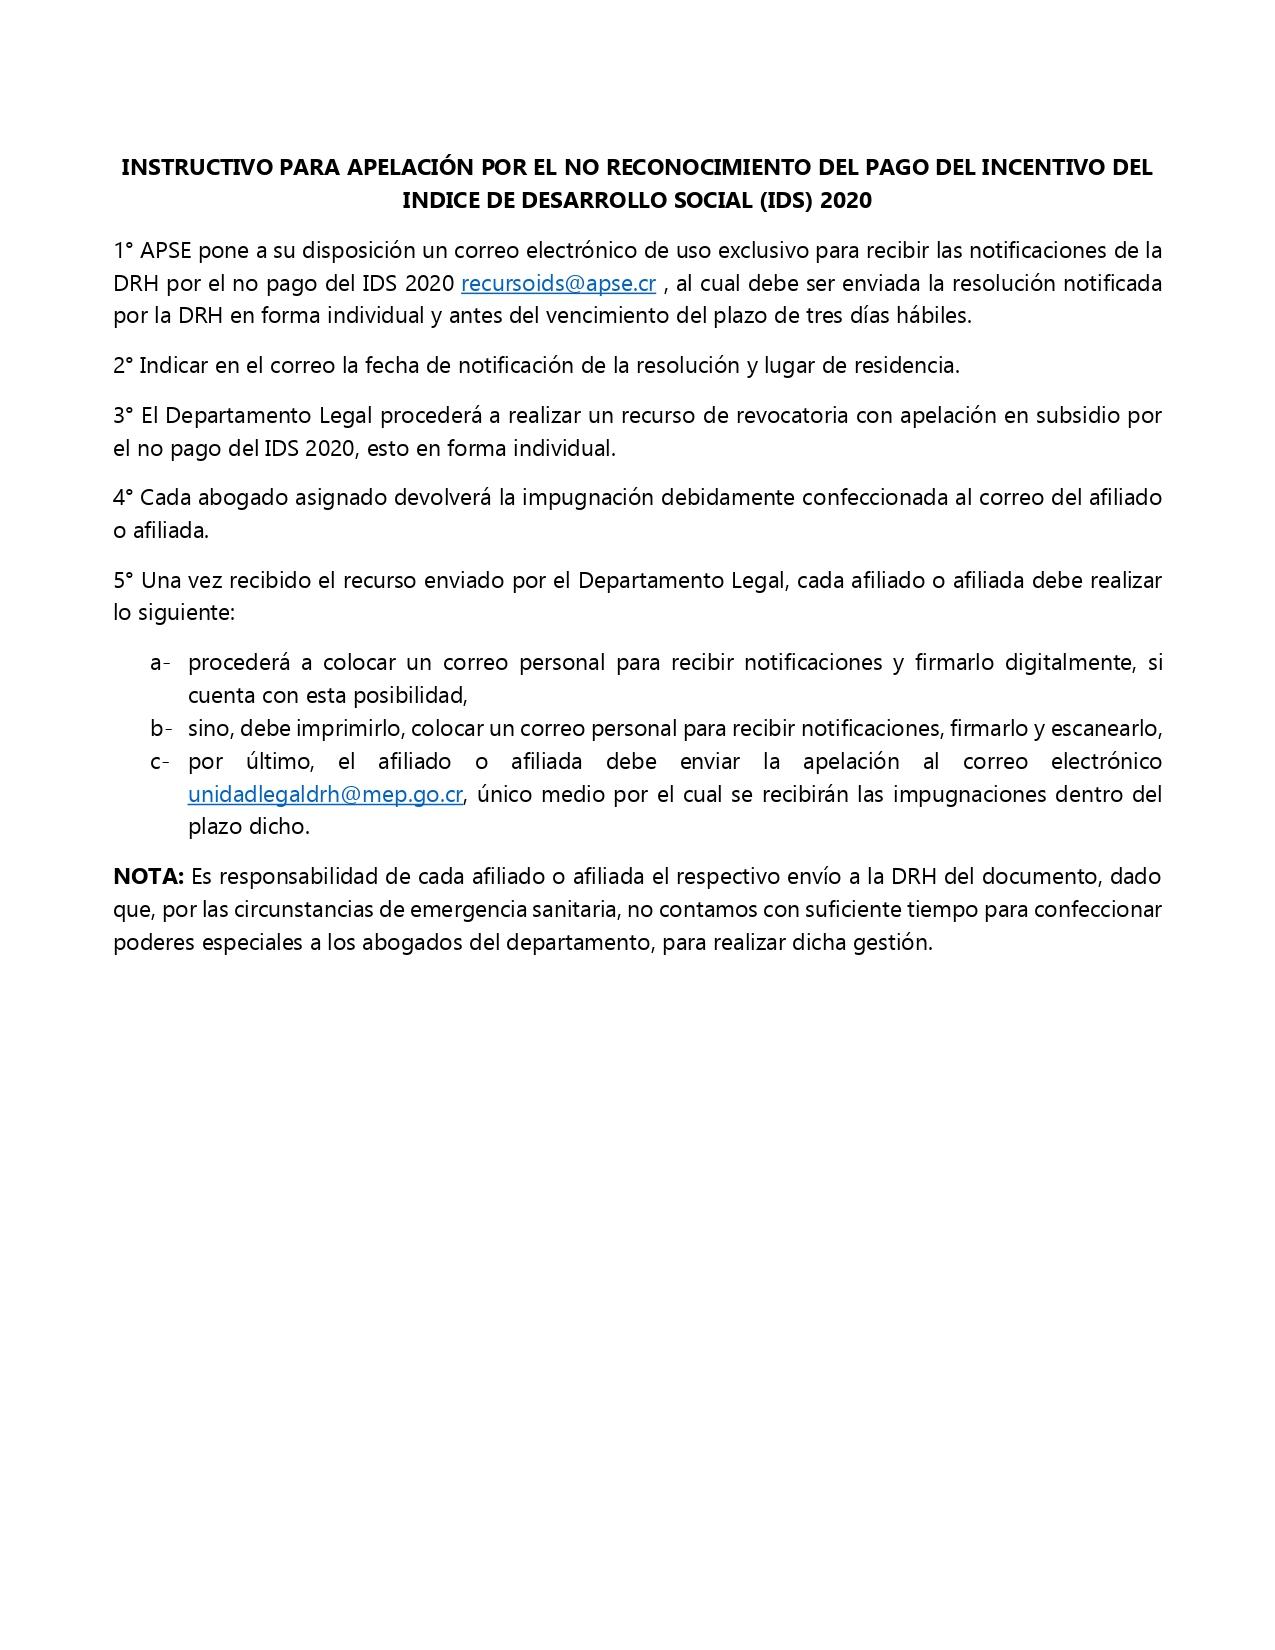 INSTRUCTIVO PARA APELACIÓN POR EL NO RECONOCIMIENTO DEL PAGO DEL INCENTIVO DEL INDICE DE DESARROLLO SOCIAL (IDS) 2020